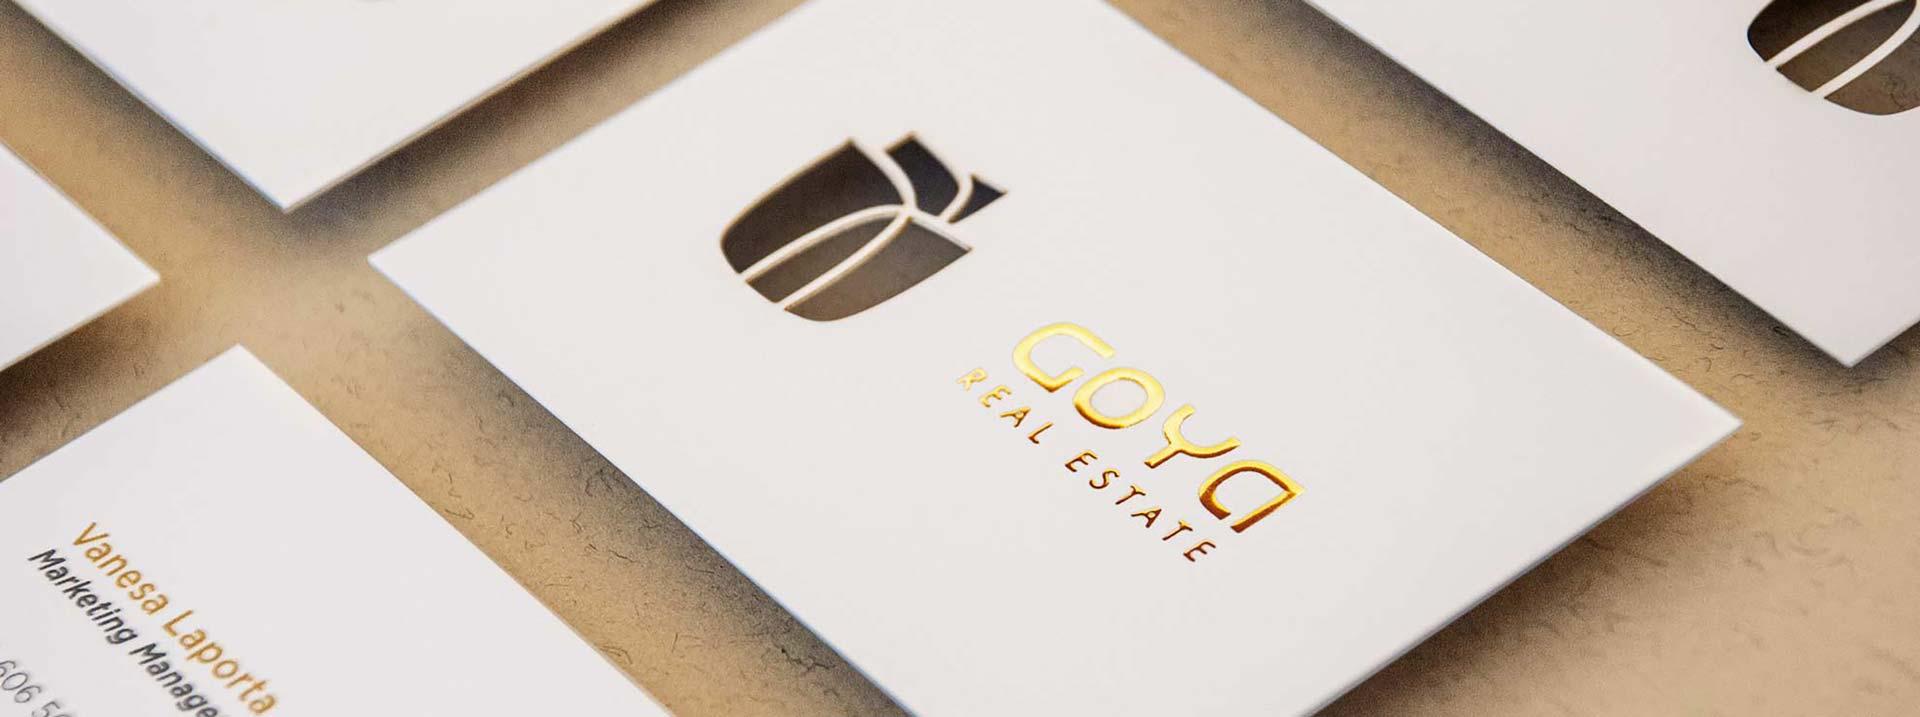 proyecto giset design goya real estate logo y identidad corporativa tarjeta de visita original con troquel